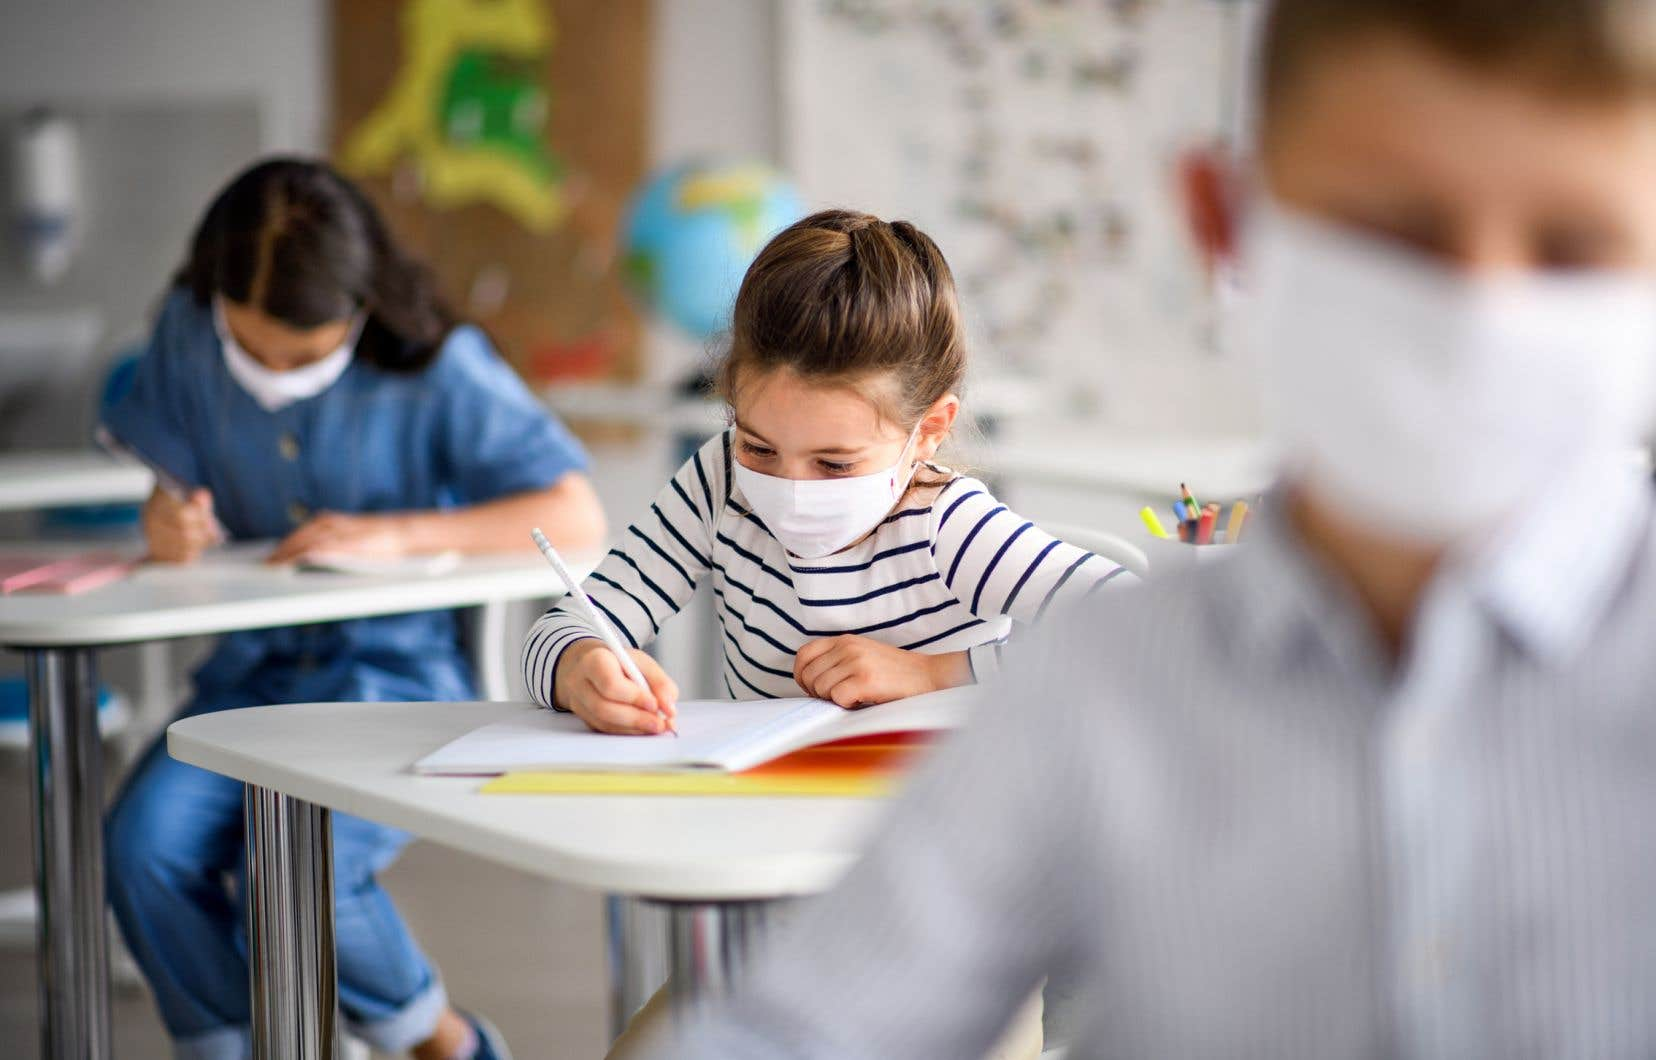 «La pandémie sert d'écran et occulte les effets de cette centralisation technocratique tant sur les établissements que sur le personnel, mais surtout sur la réussite des élèves», écrit l'autrice.